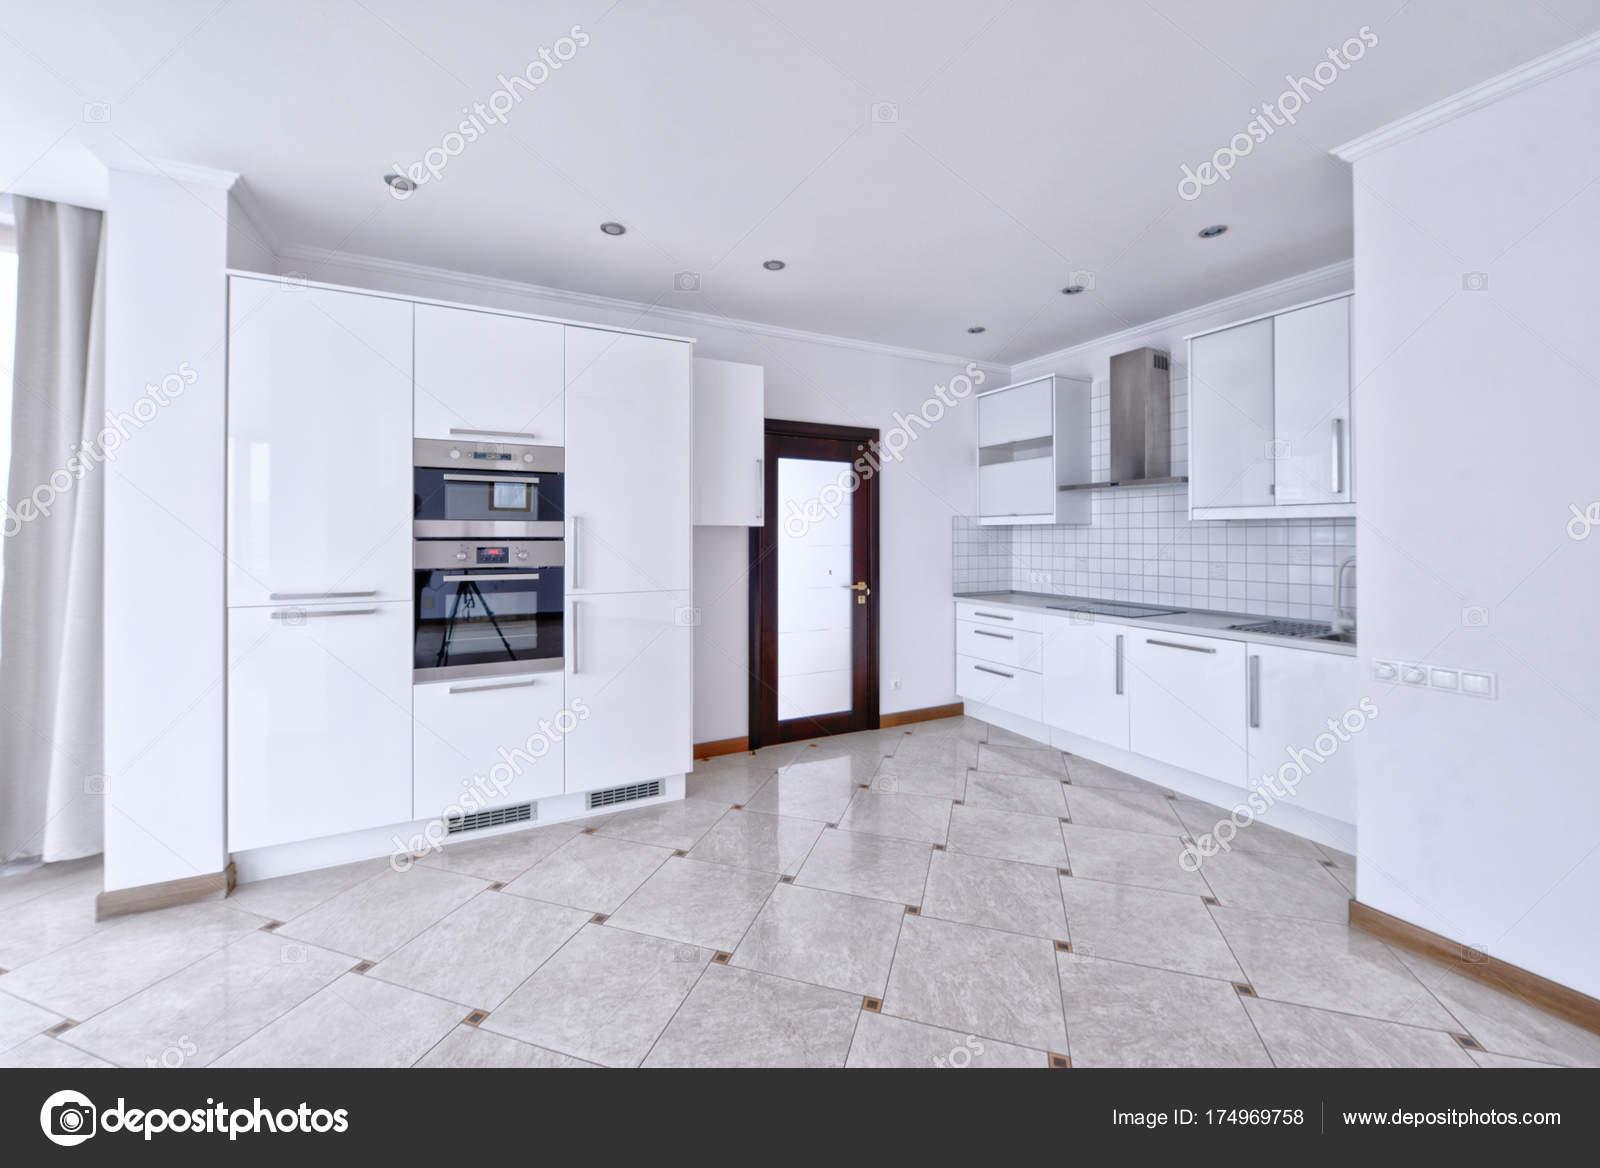 Cucina Design Moderno Bianco Uno Spazioso Appartamento — Foto Stock ...